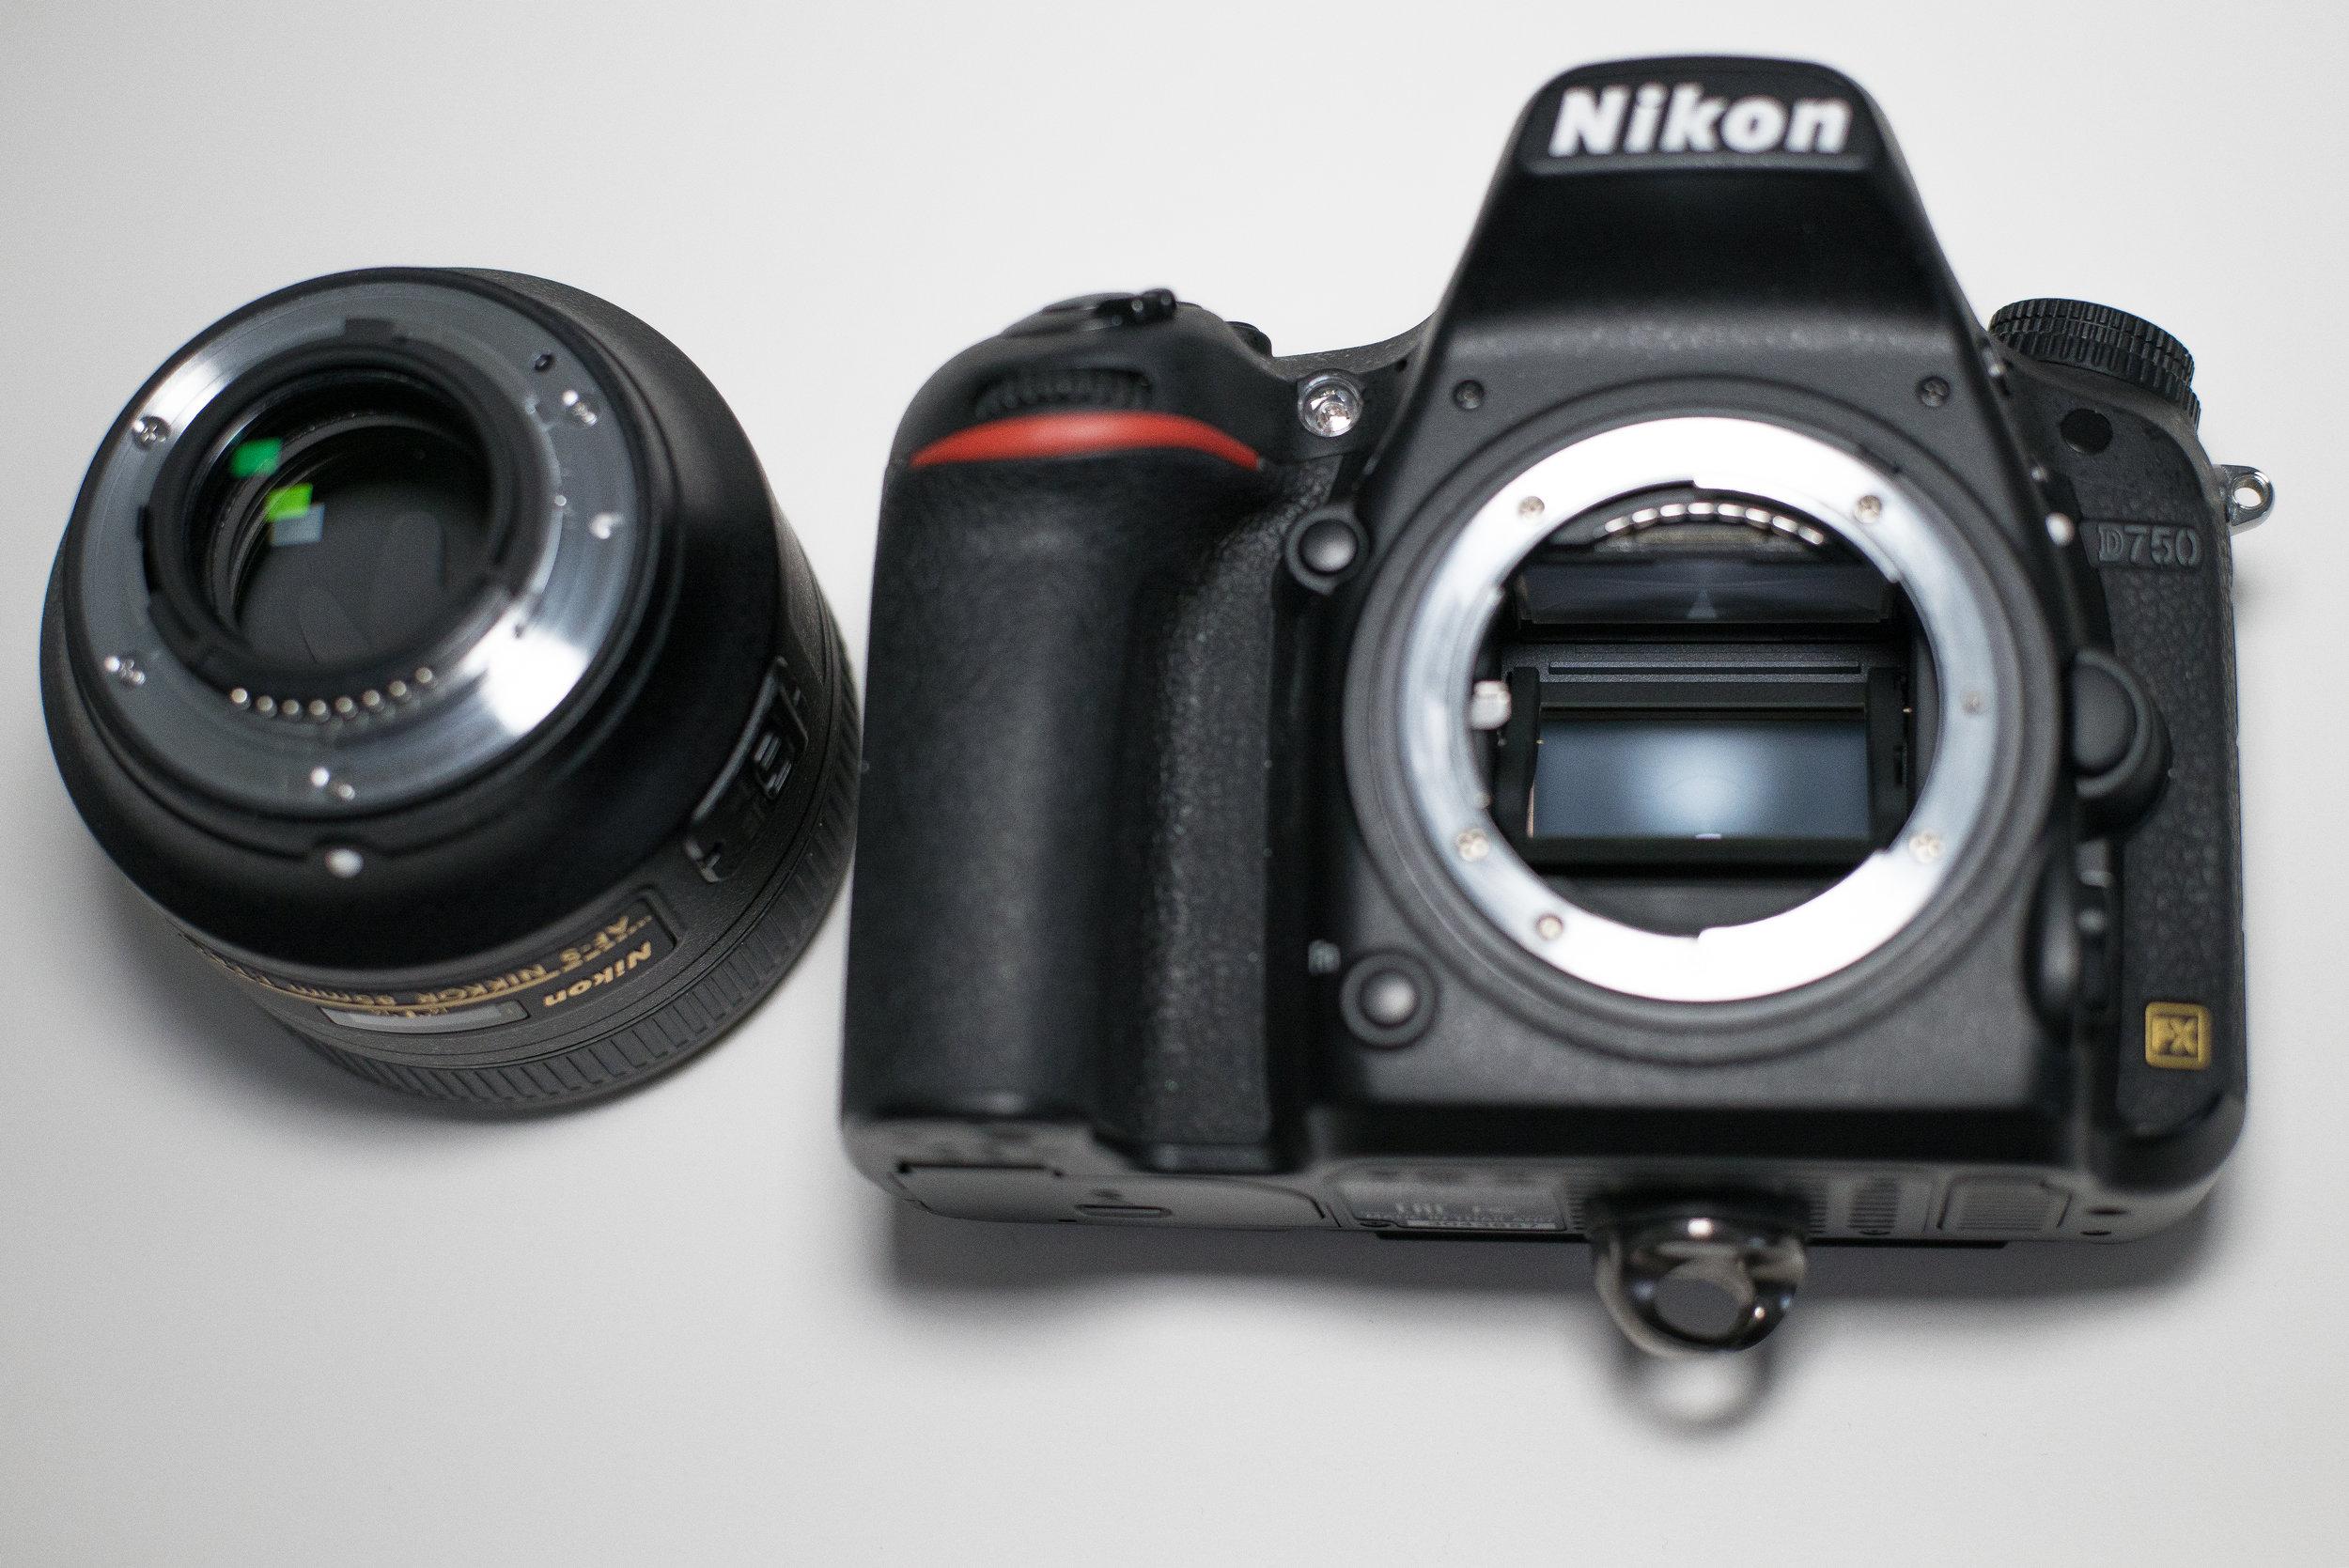 Lens off, lets look inside